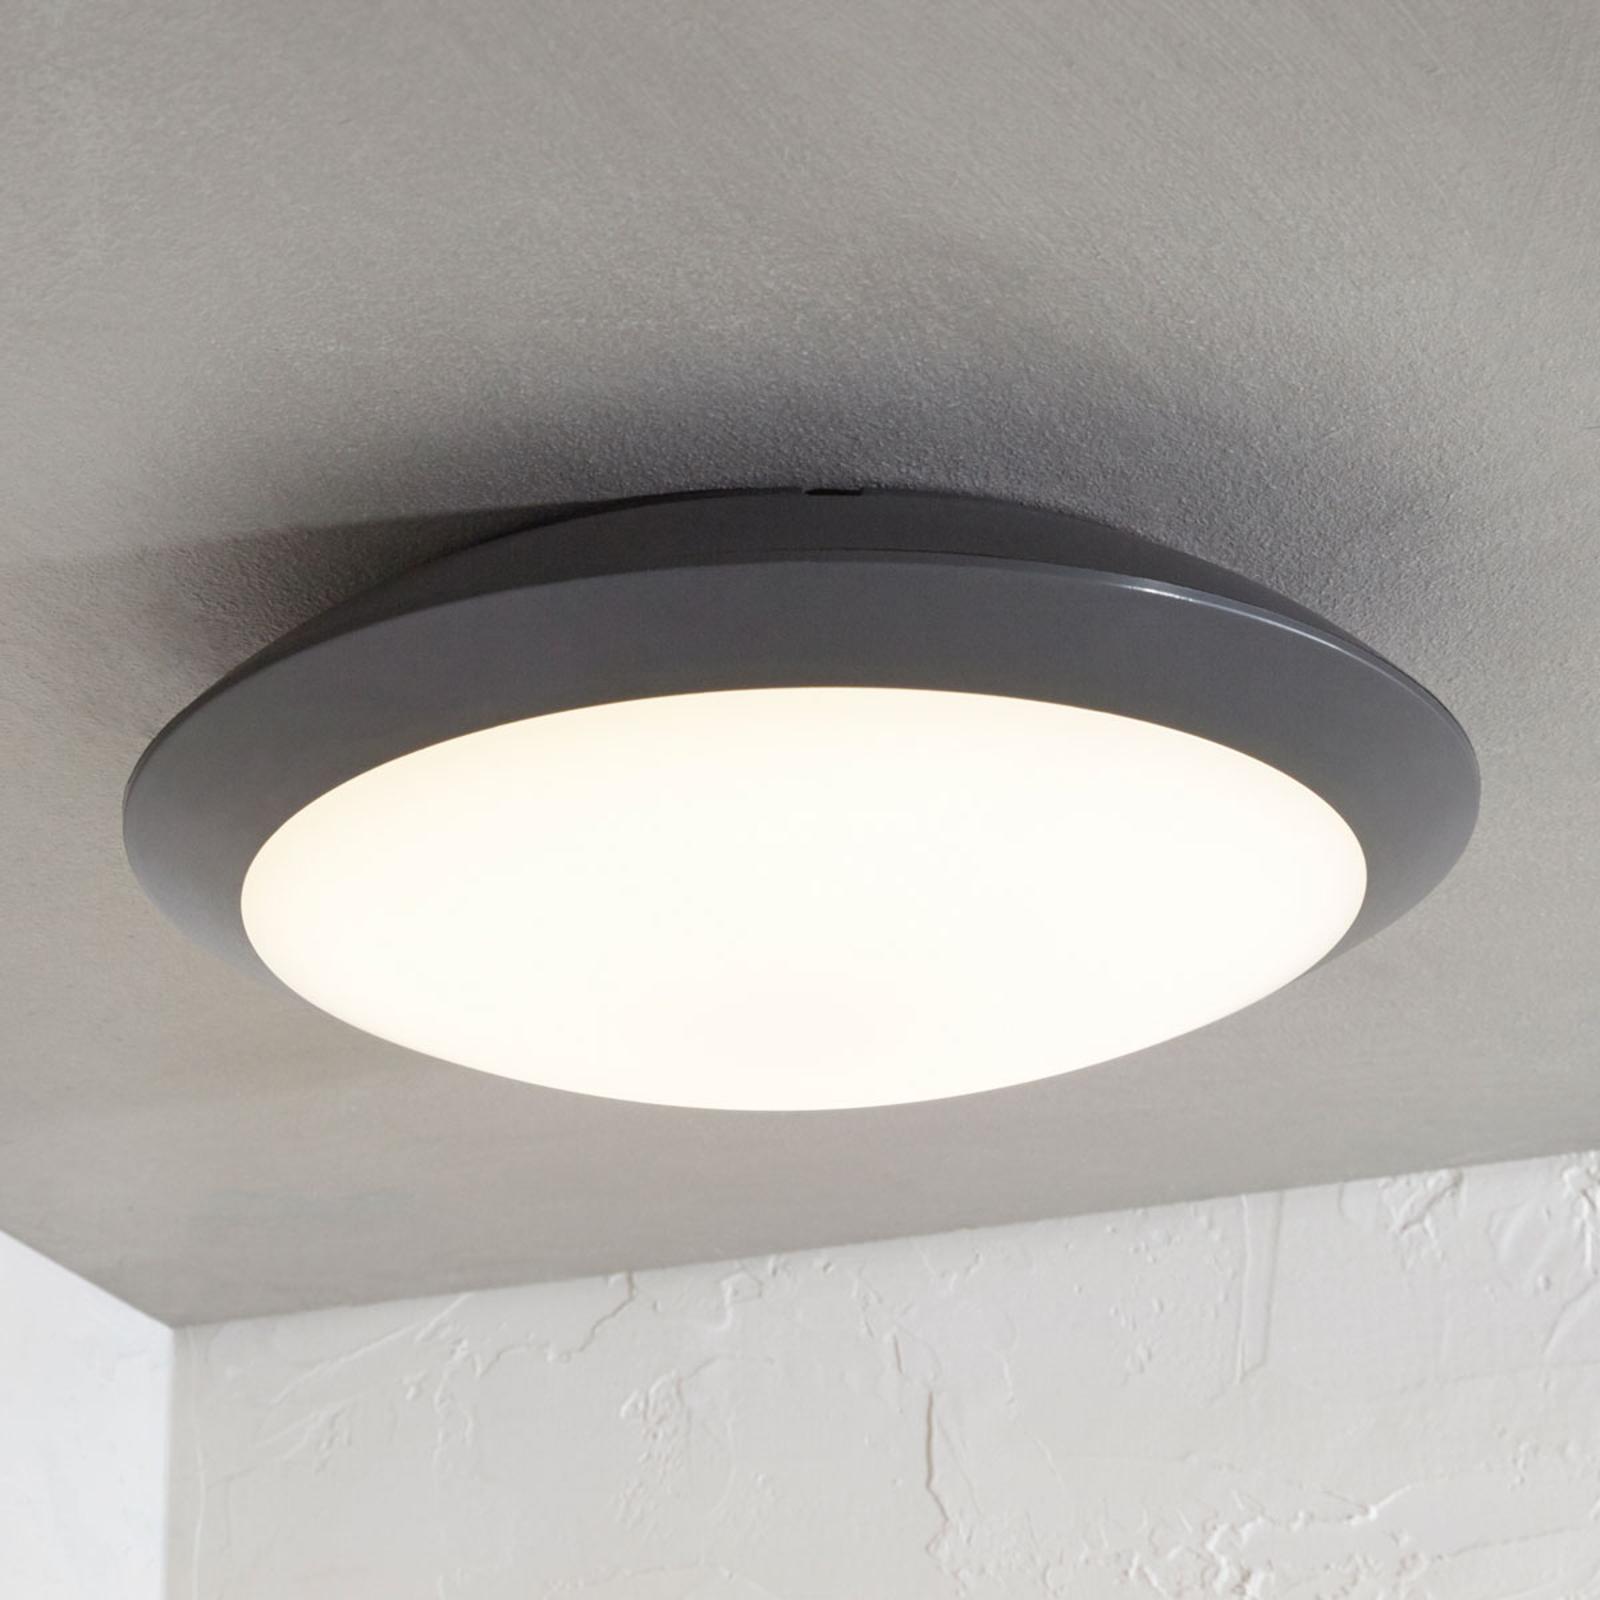 Plafonnier extérieur LED Naira, gris, sans capteur